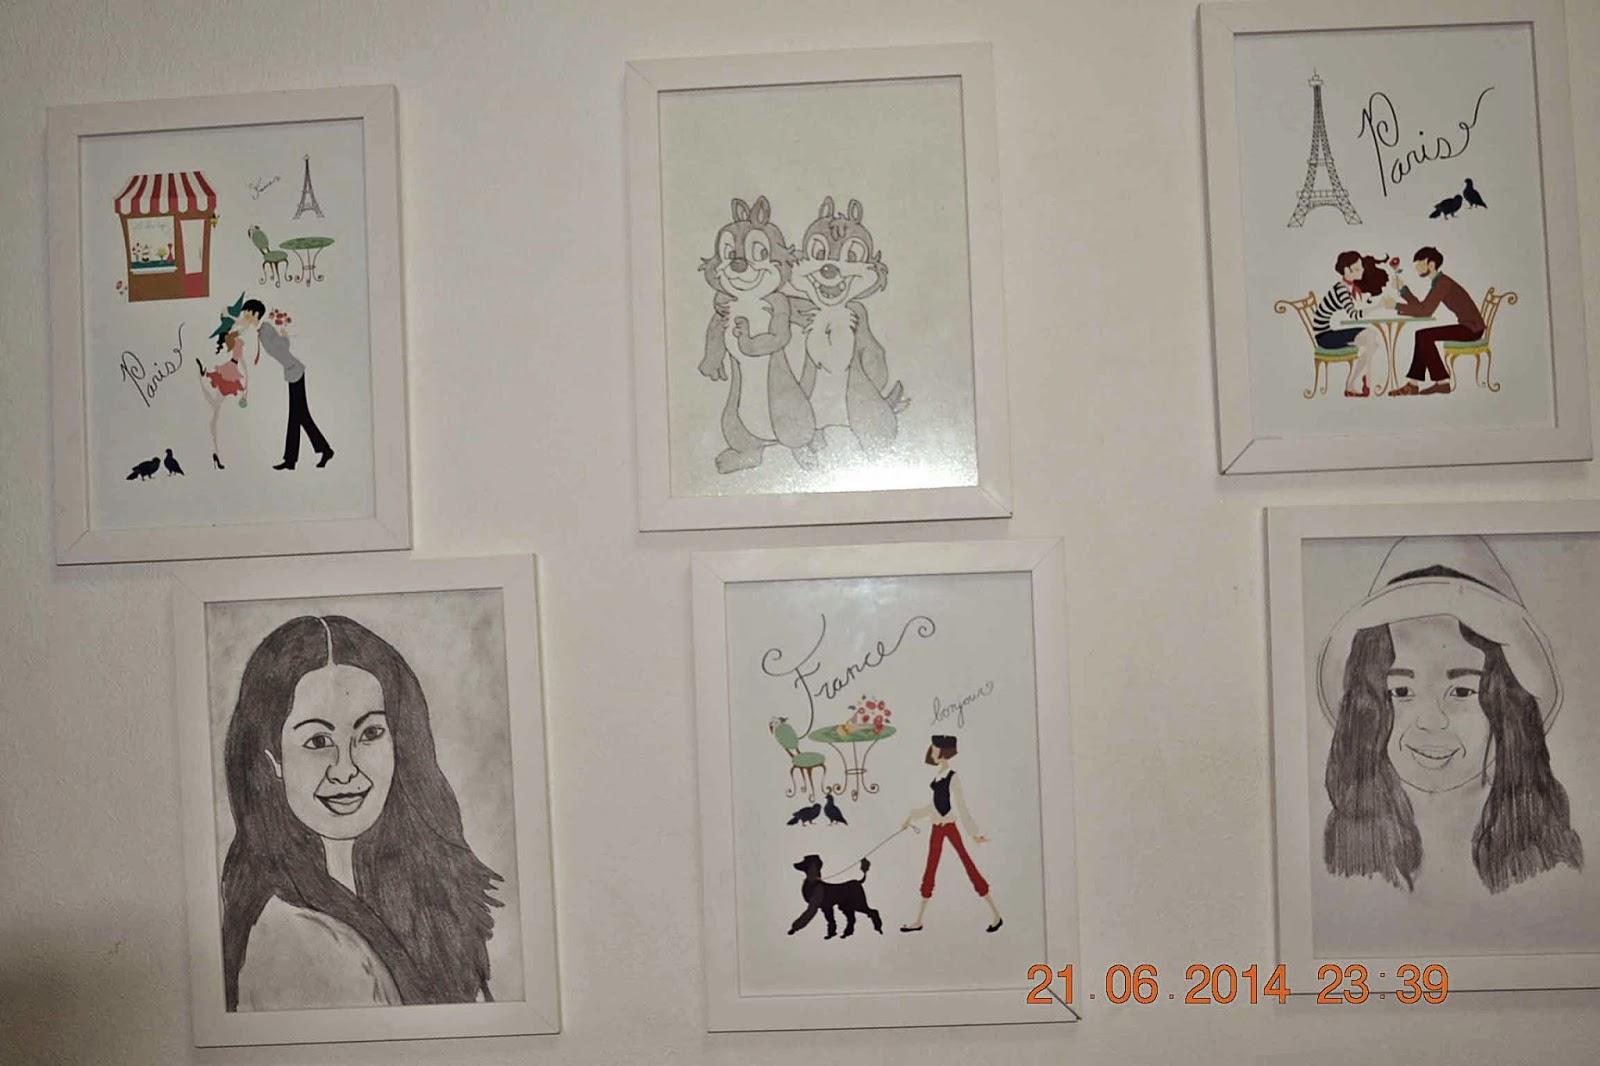 molduras com desenhos na parede